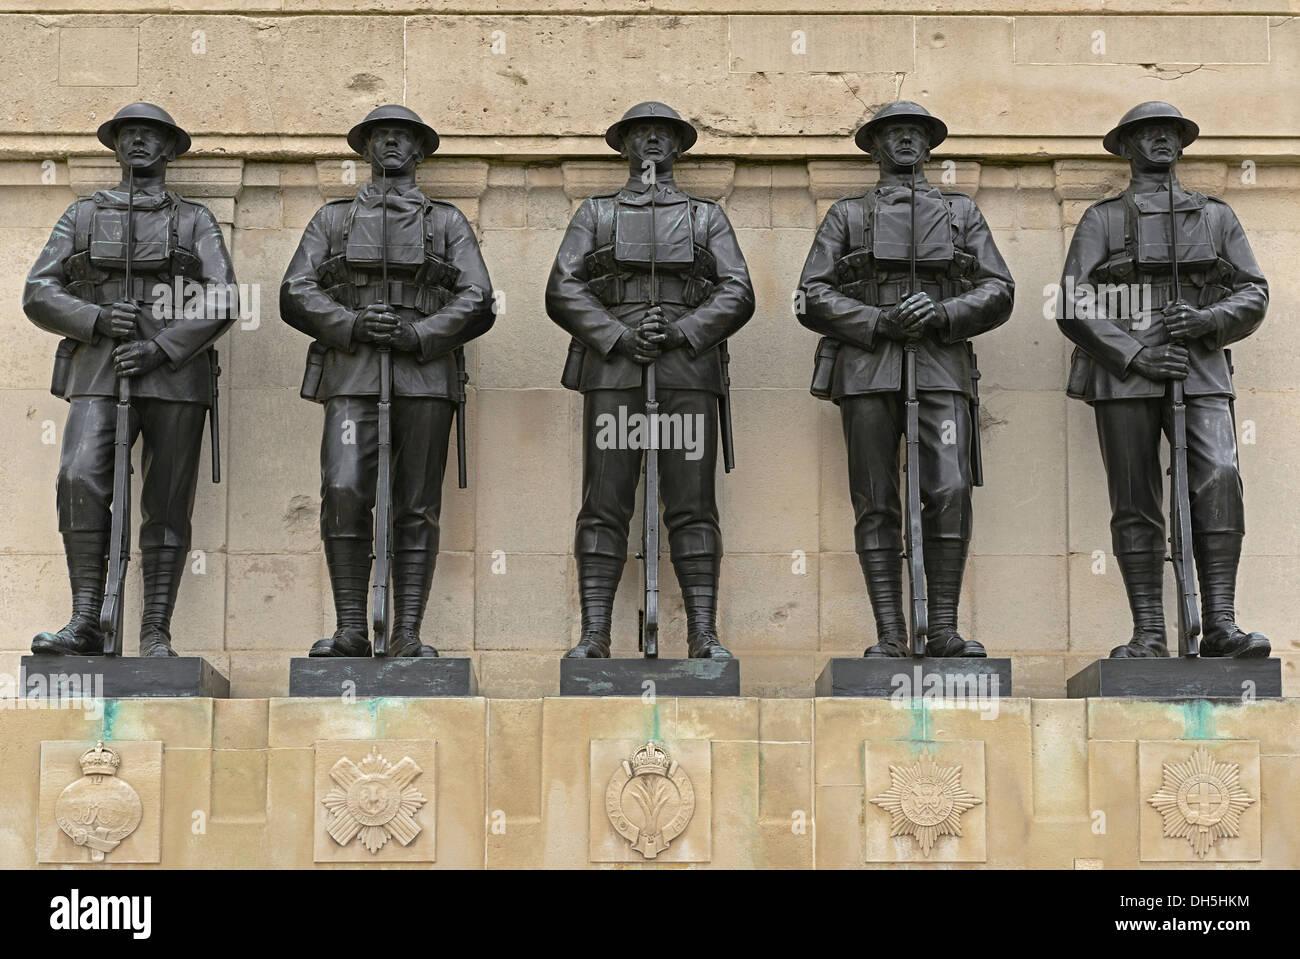 Le guardie Memorial, la Sfilata delle Guardie a Cavallo, Londra, Regno Unito. Una prima guerra mondiale Monumento ai Caduti della divisione guardie. Immagini Stock